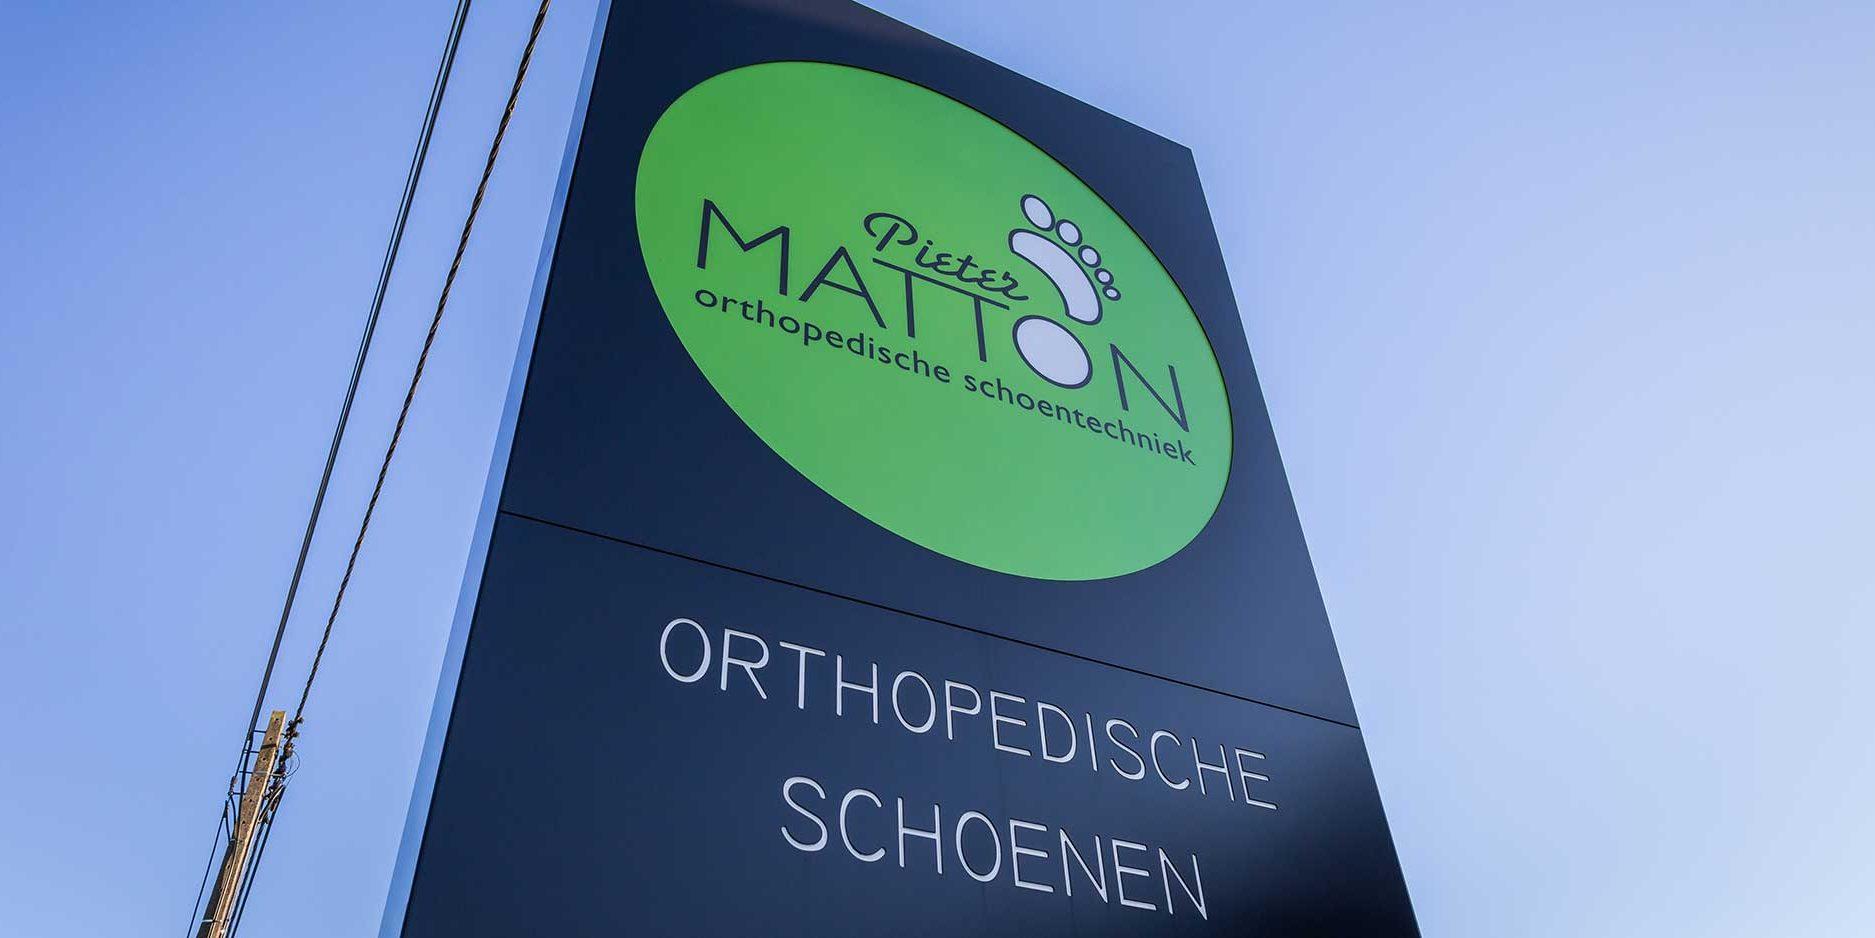 Pieter Matton - Orthopedische schoenen